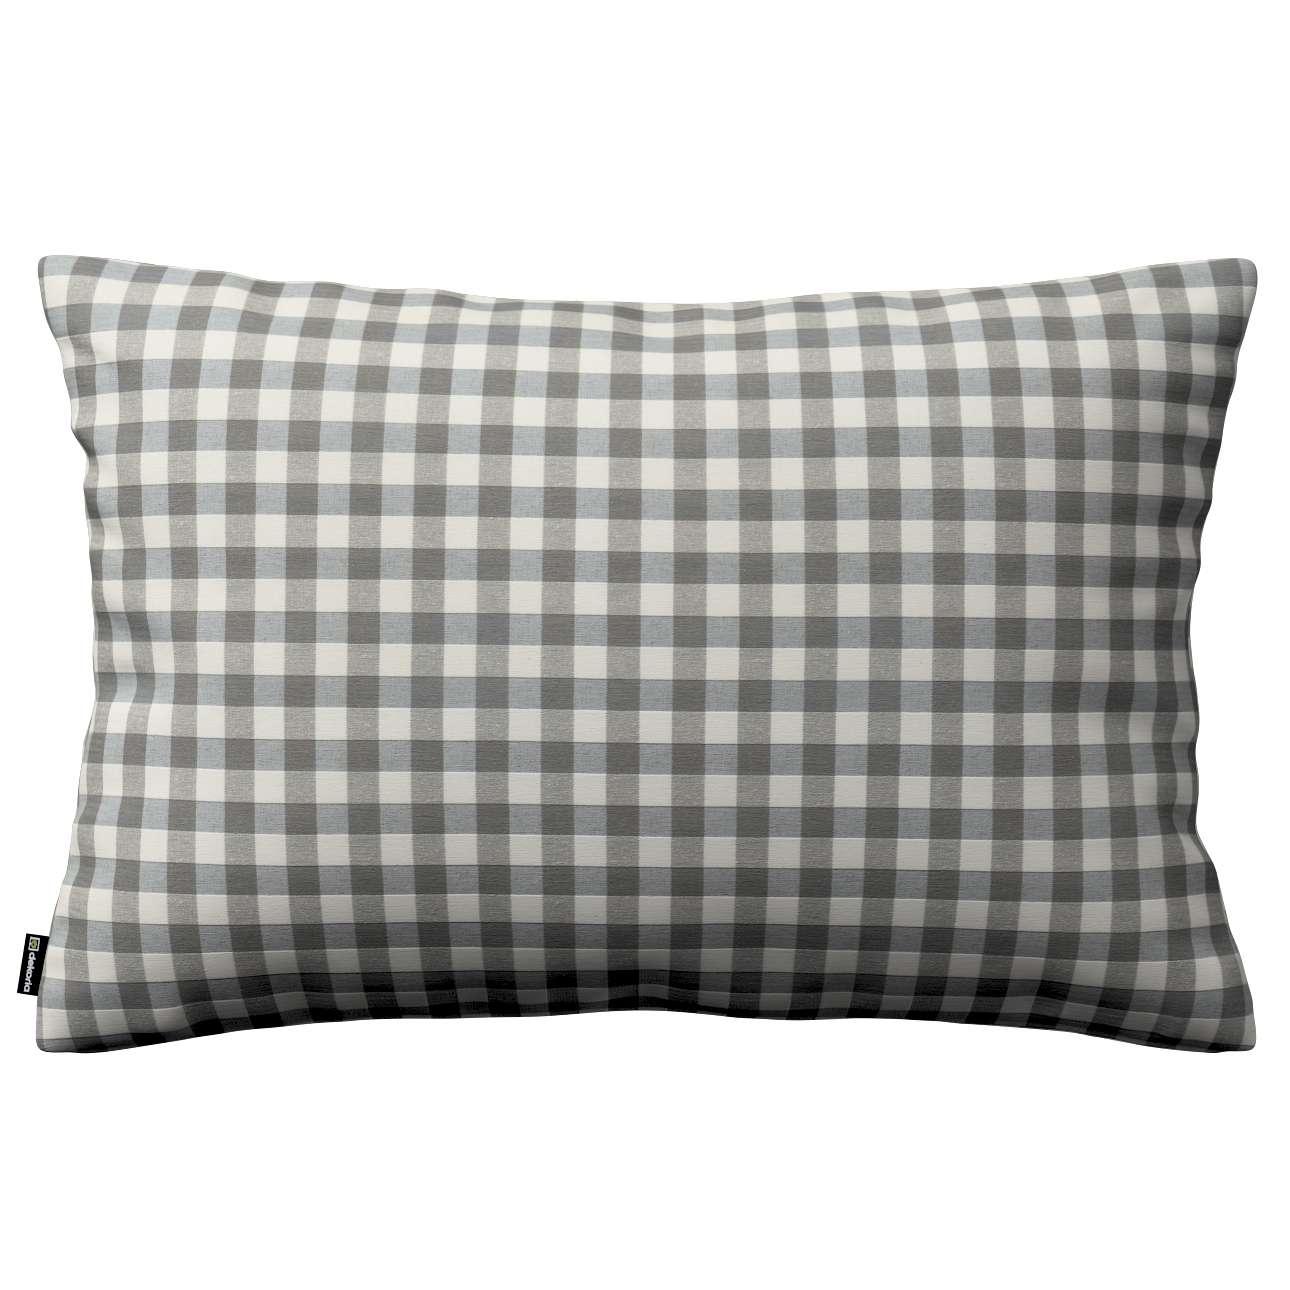 Kinga dekoratyvinės pagalvėlės užvalkalas 60x40cm 60x40cm kolekcijoje Quadro, audinys: 136-11